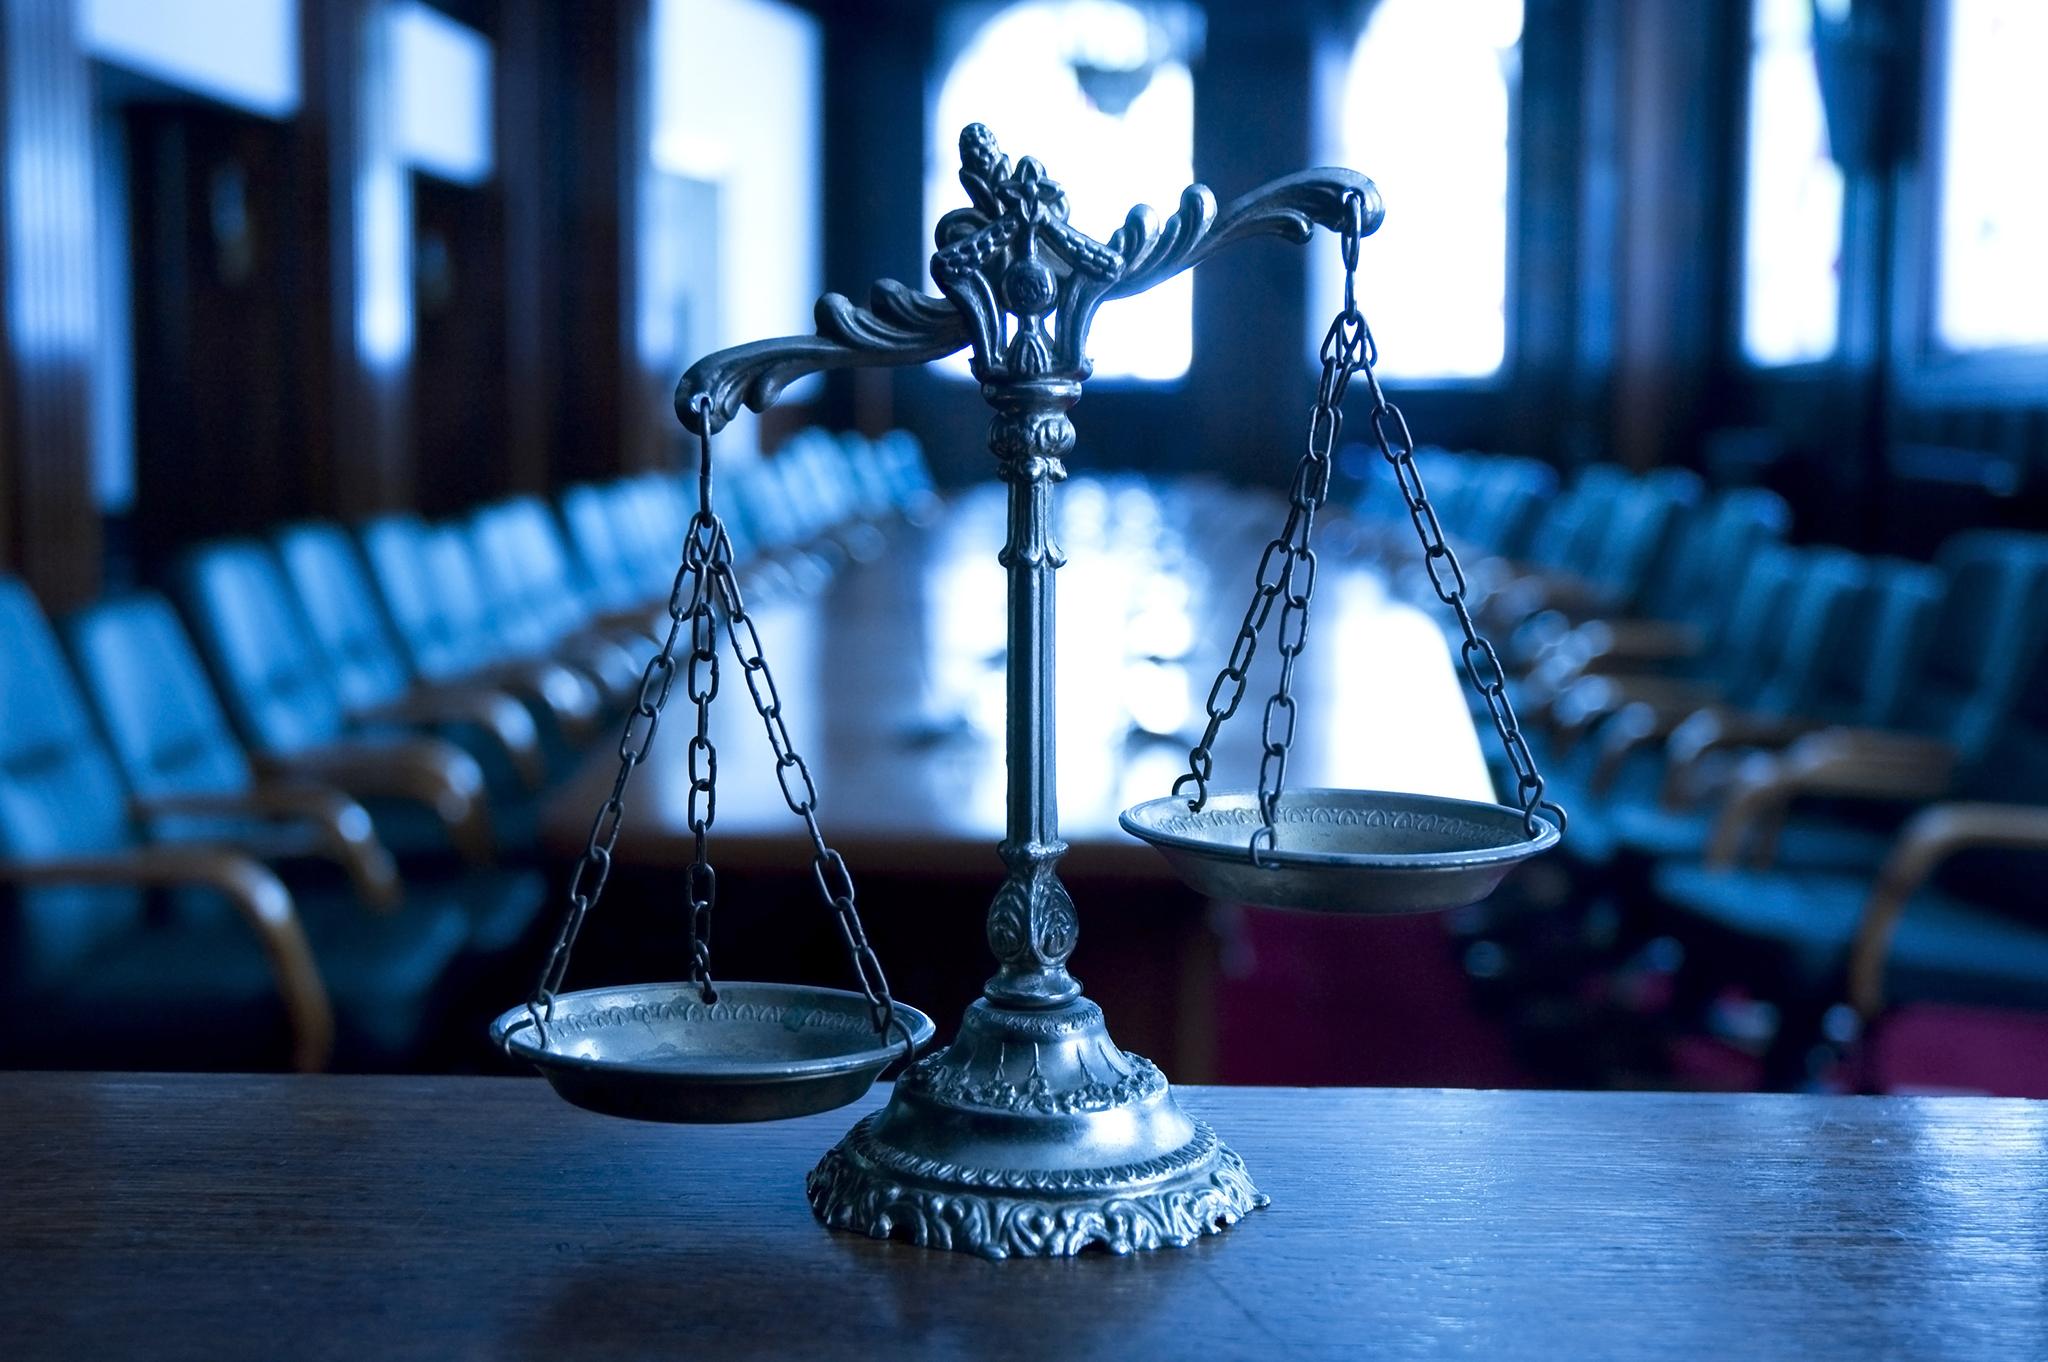 Magistratura | Luz verde para mais exigências no acesso à profissão